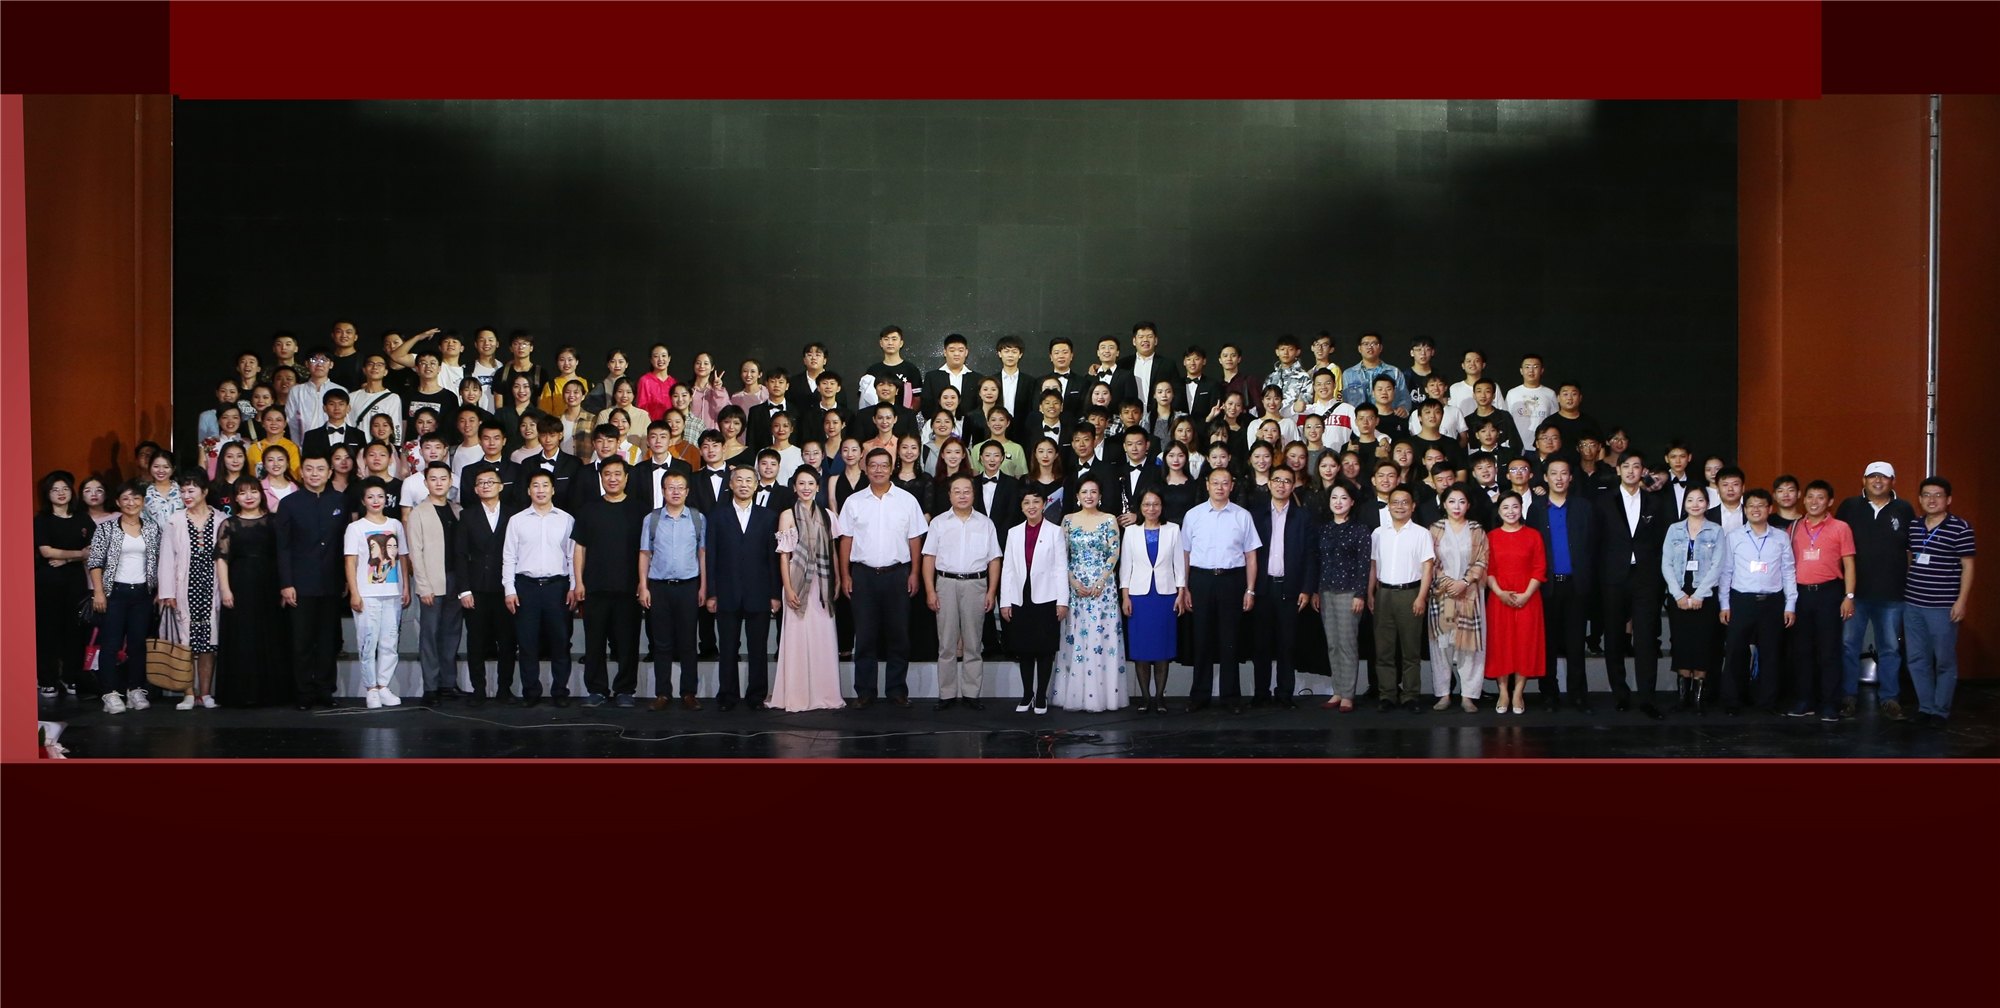 时时彩苹果版注册举办交响音乐会献礼70周年校庆